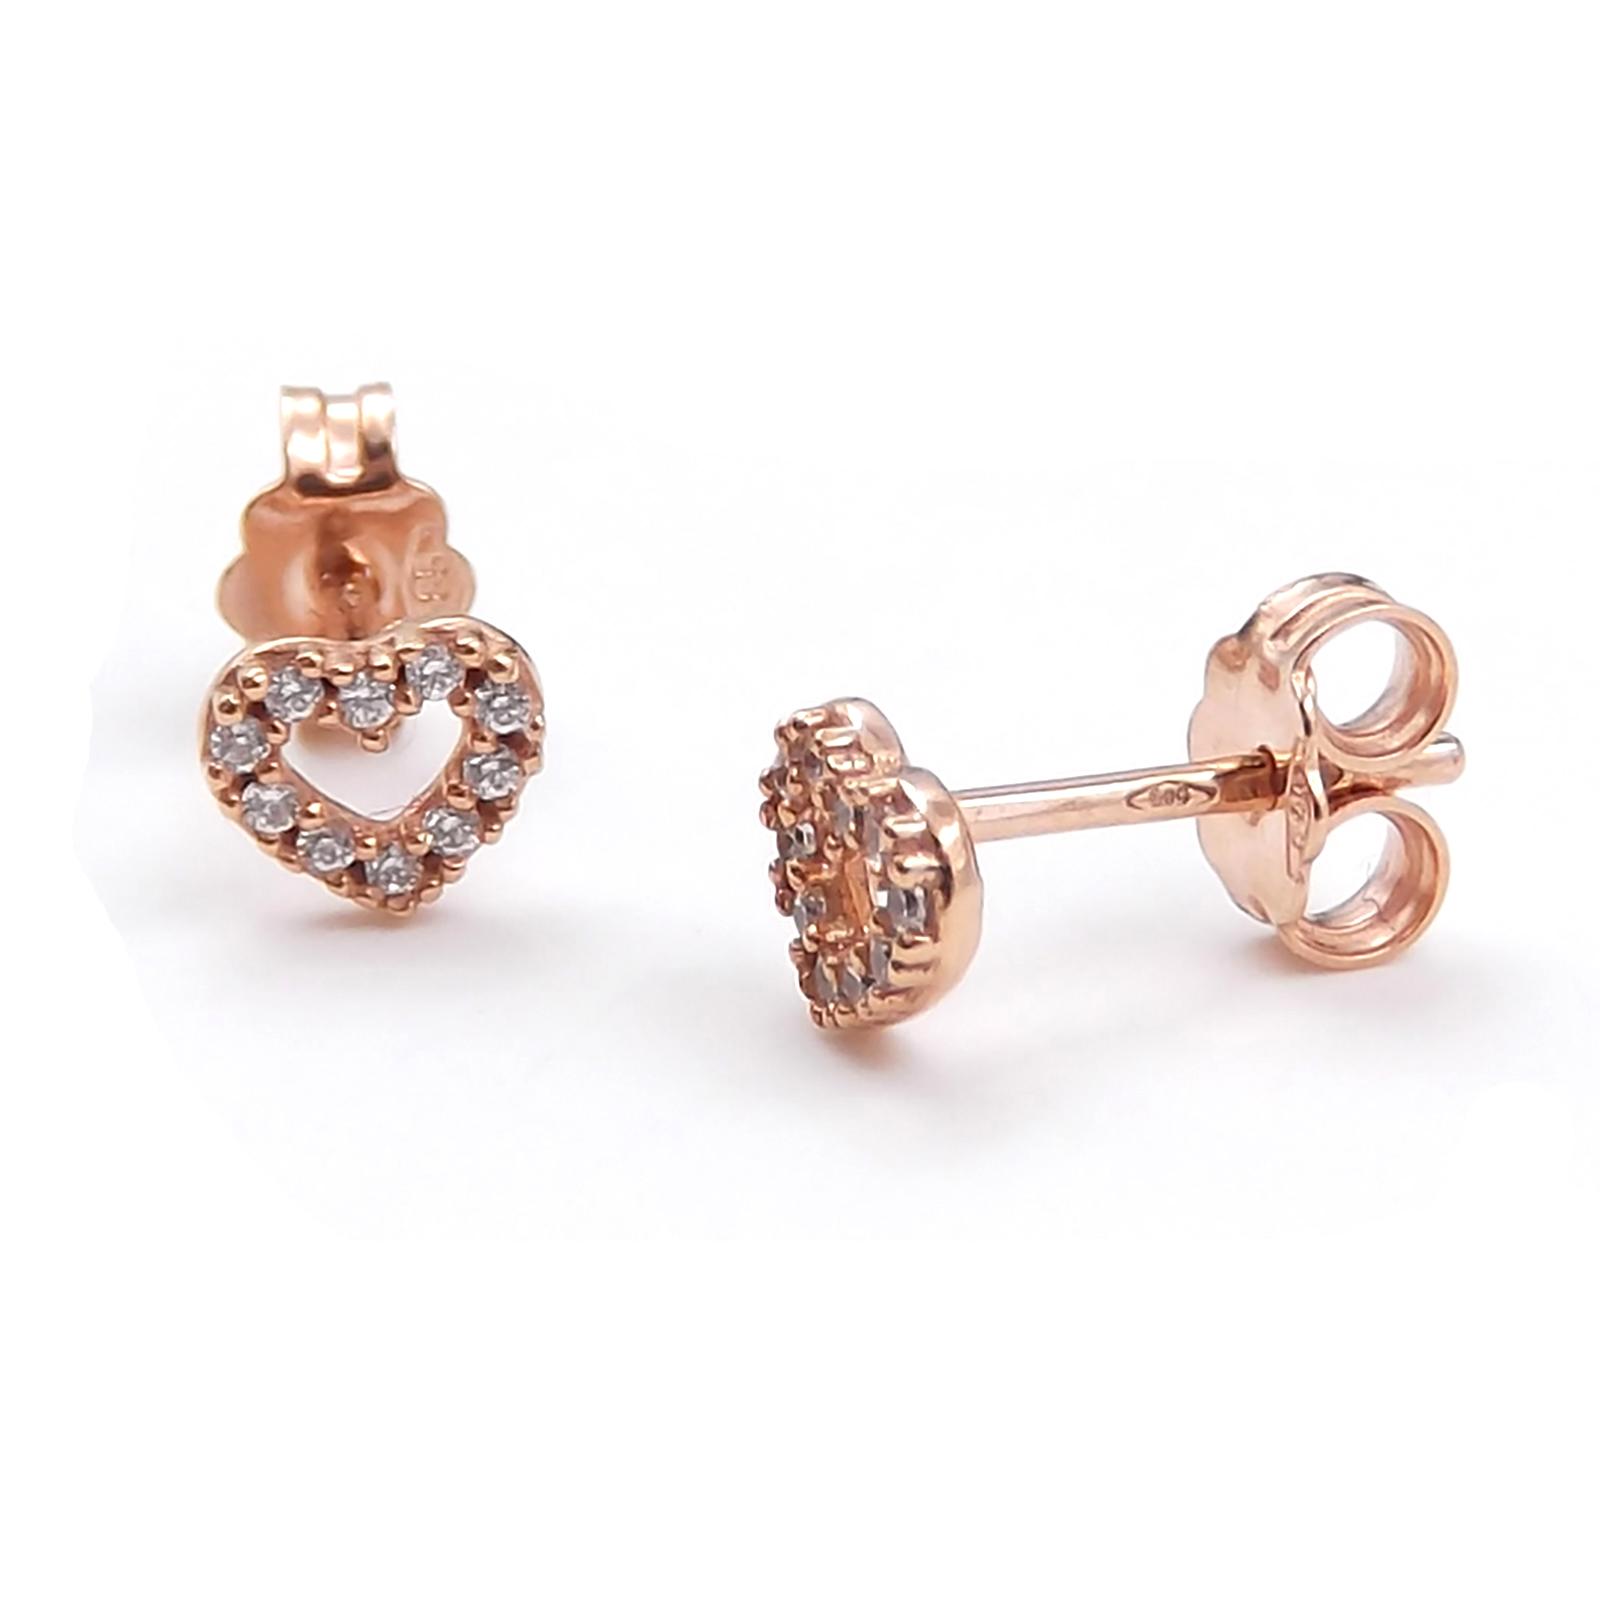 447eed66660dea Orecchini cuore in oro rosa 14 kt con zirconi bianchi da donna o ...